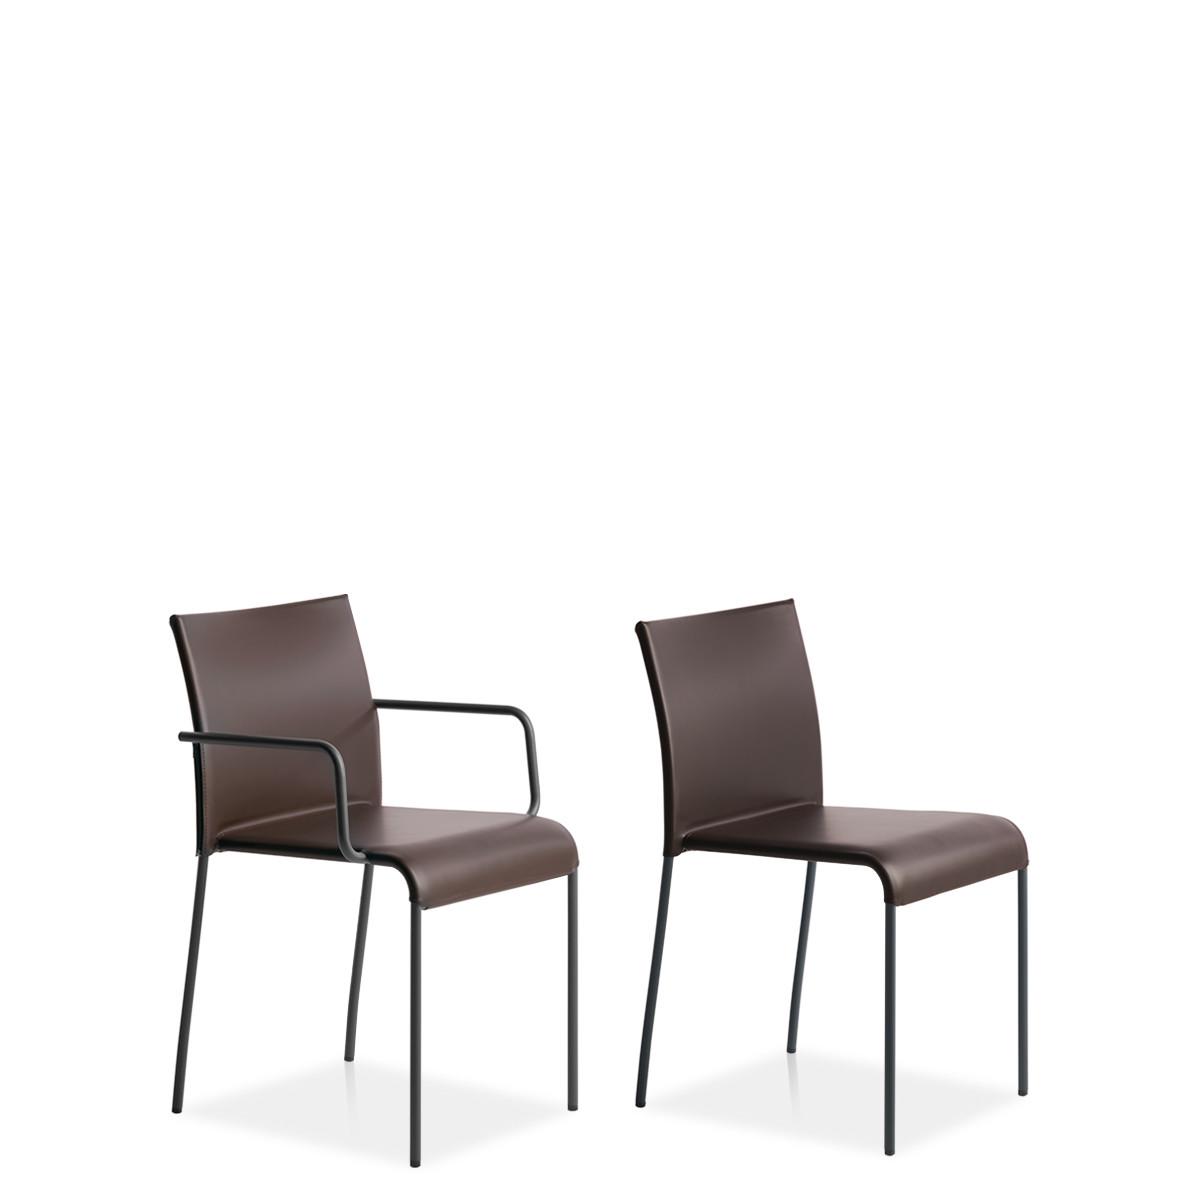 Entdecken Sie bei Conzept Beckord besondere Designmöbel! Hier finden Sie Potocco Stühle: Agra braun